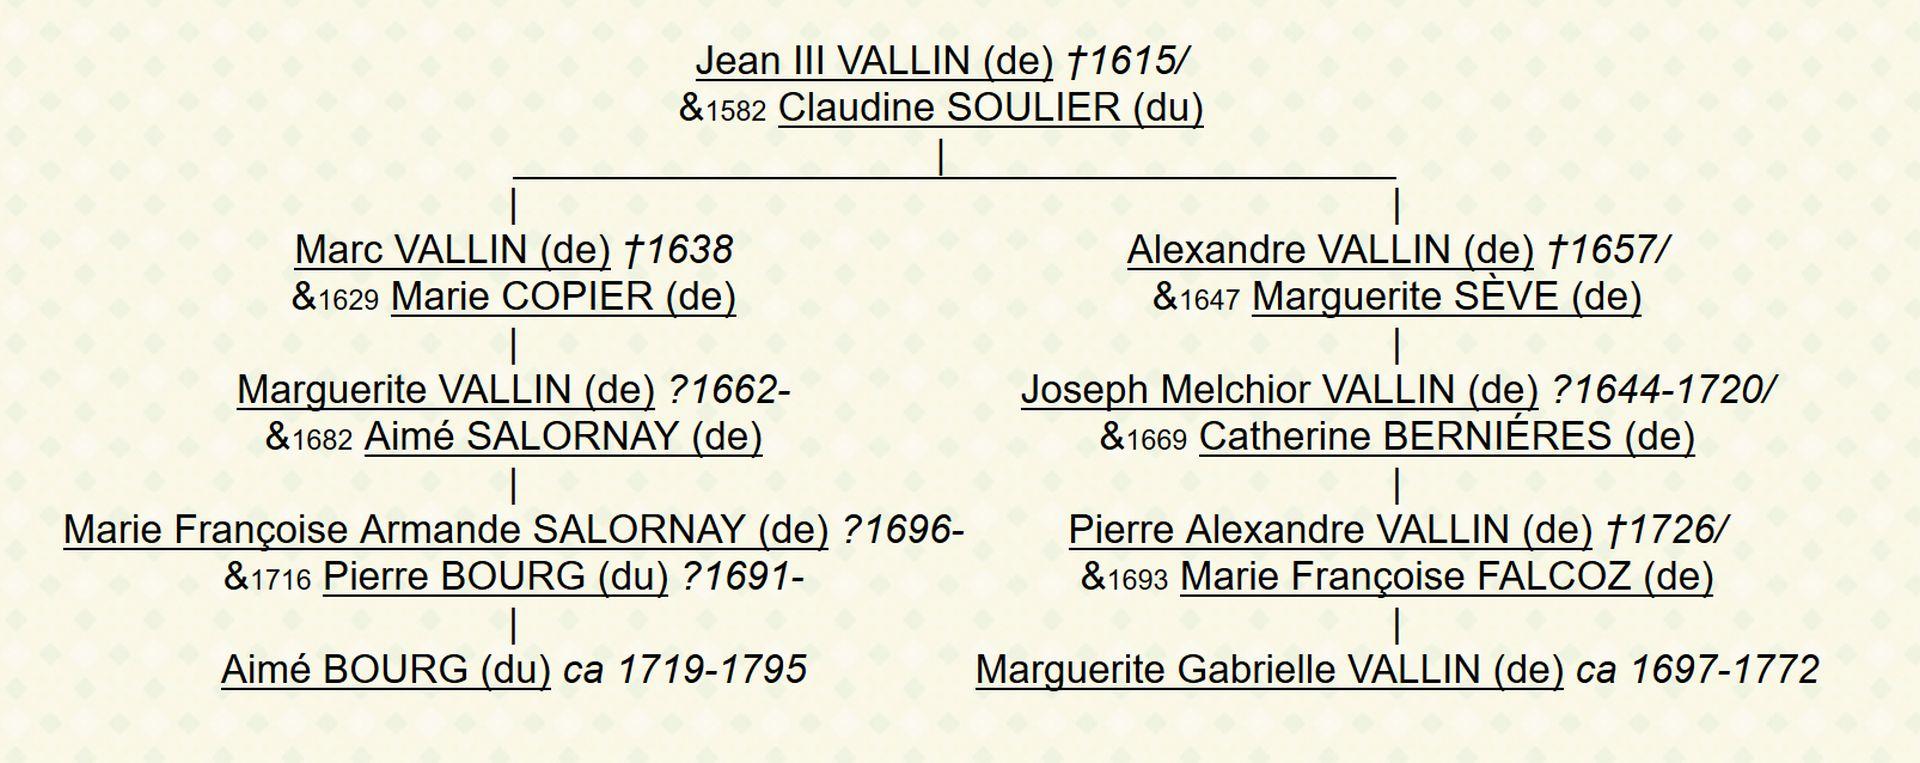 Parenté entre Aimé du Bourg et Marguerite Gabrielle de Vallin